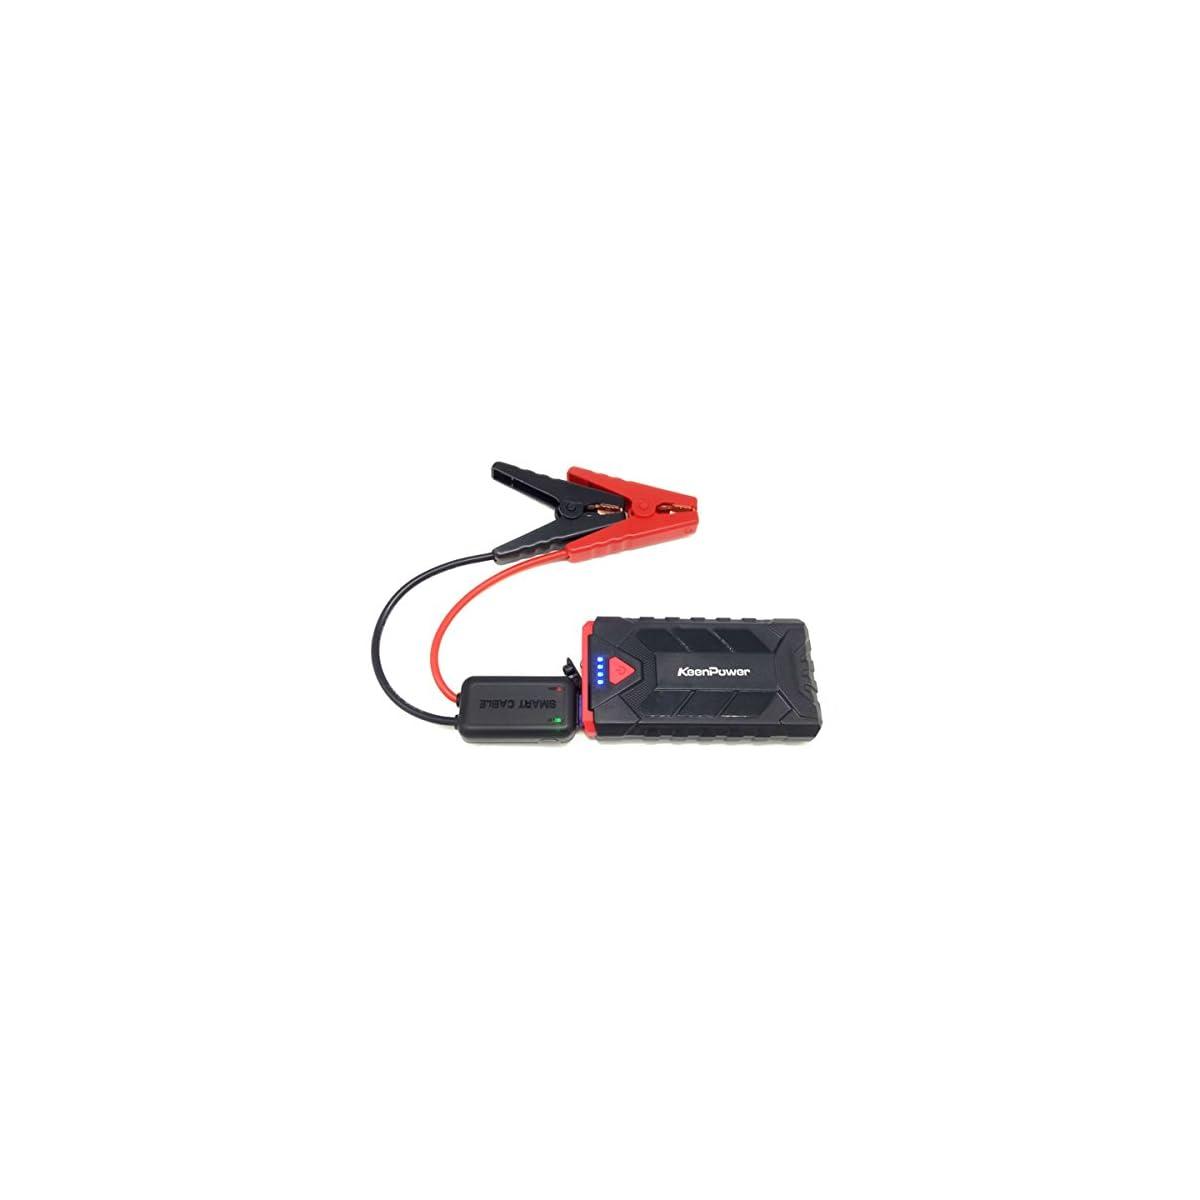 41diG82G0DL. SS1200  - Portátil 500A Emergency Starting Device 8600mAh Baterías Cargador Car Jump Starter Booster Banco de potencia para 12V Petrol Auto